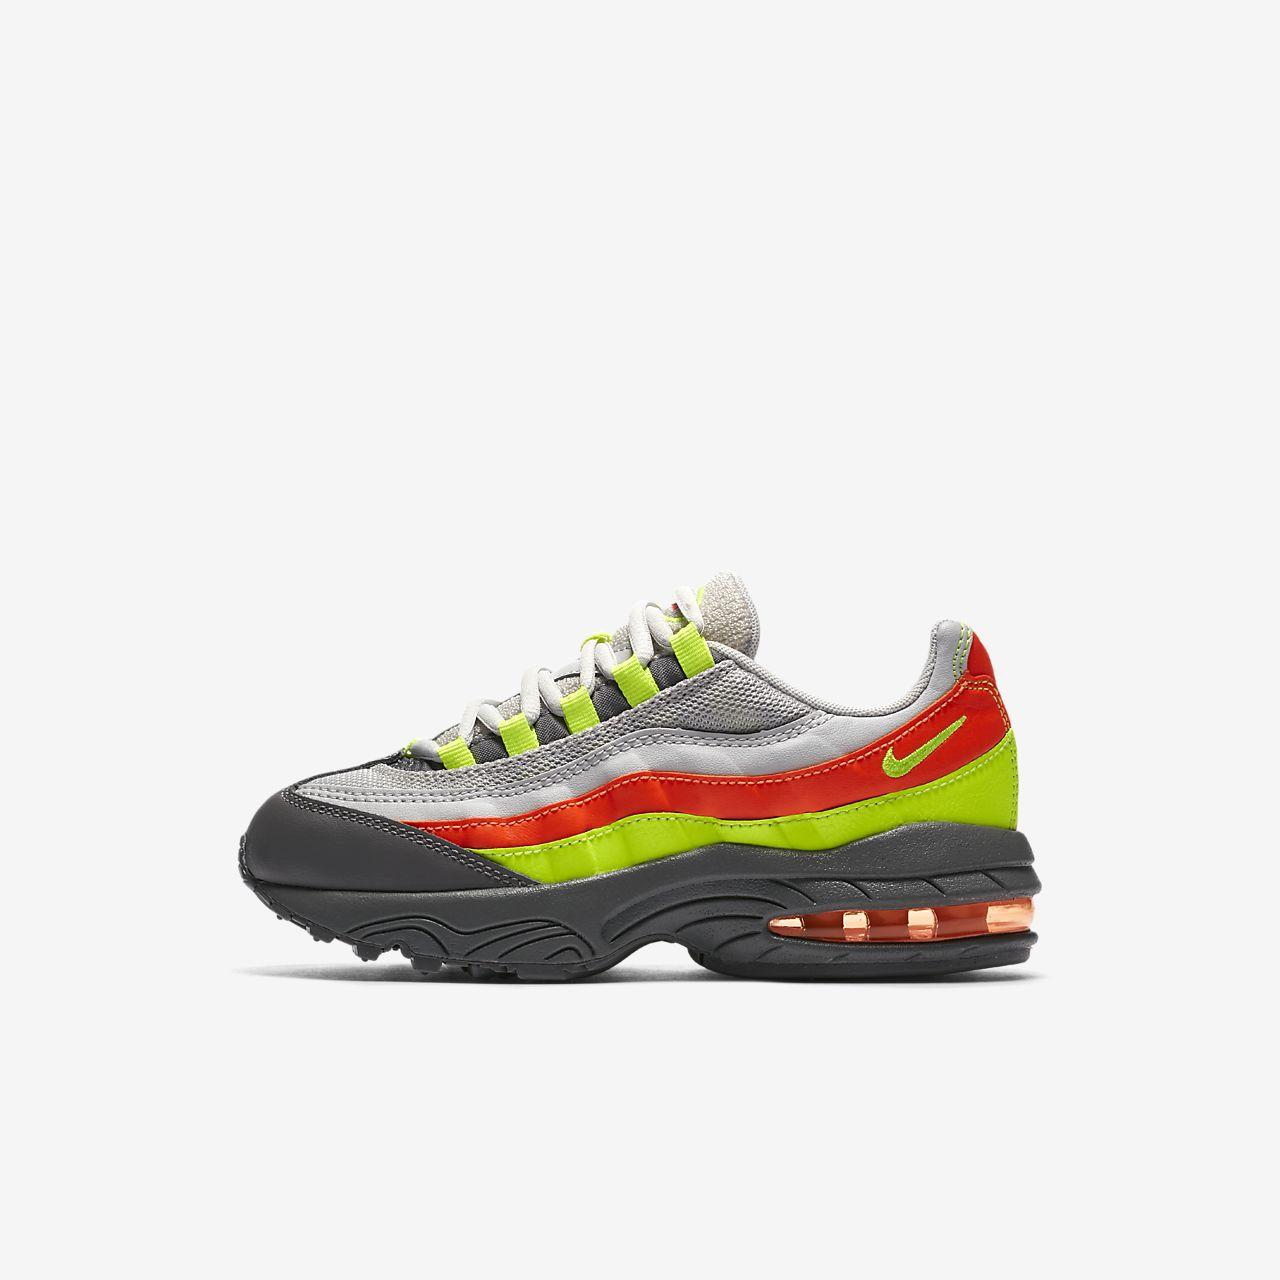 ... Nike Air Max 95 Little Kids' Shoe